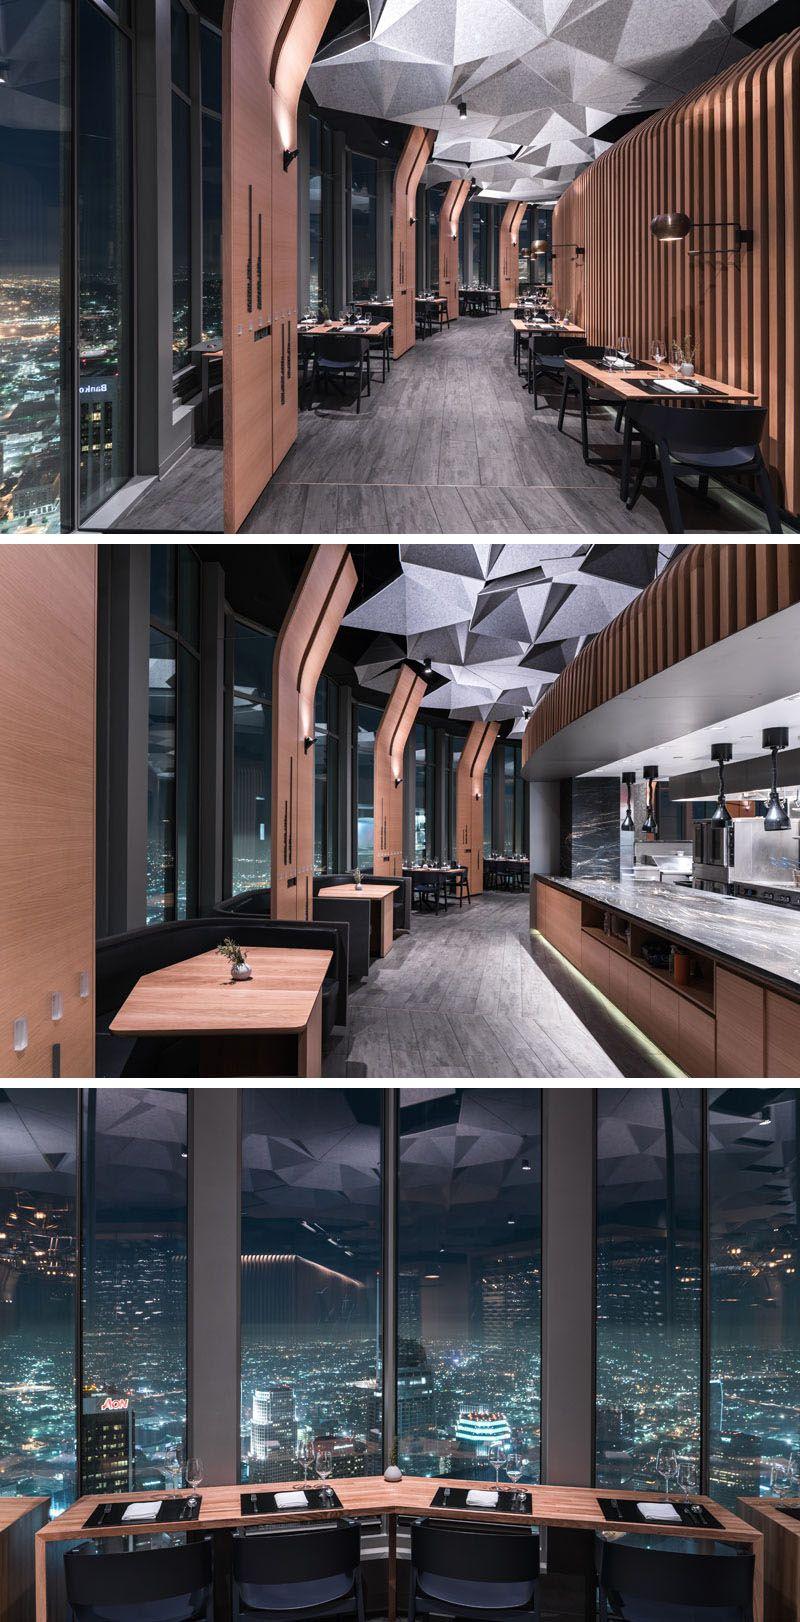 Hexagonally Shaped Ceiling Coffers Help Dampen Sound In This Restaurant Restaurant Interior Design Modern Restaurant Modern Ic Dekorasyon